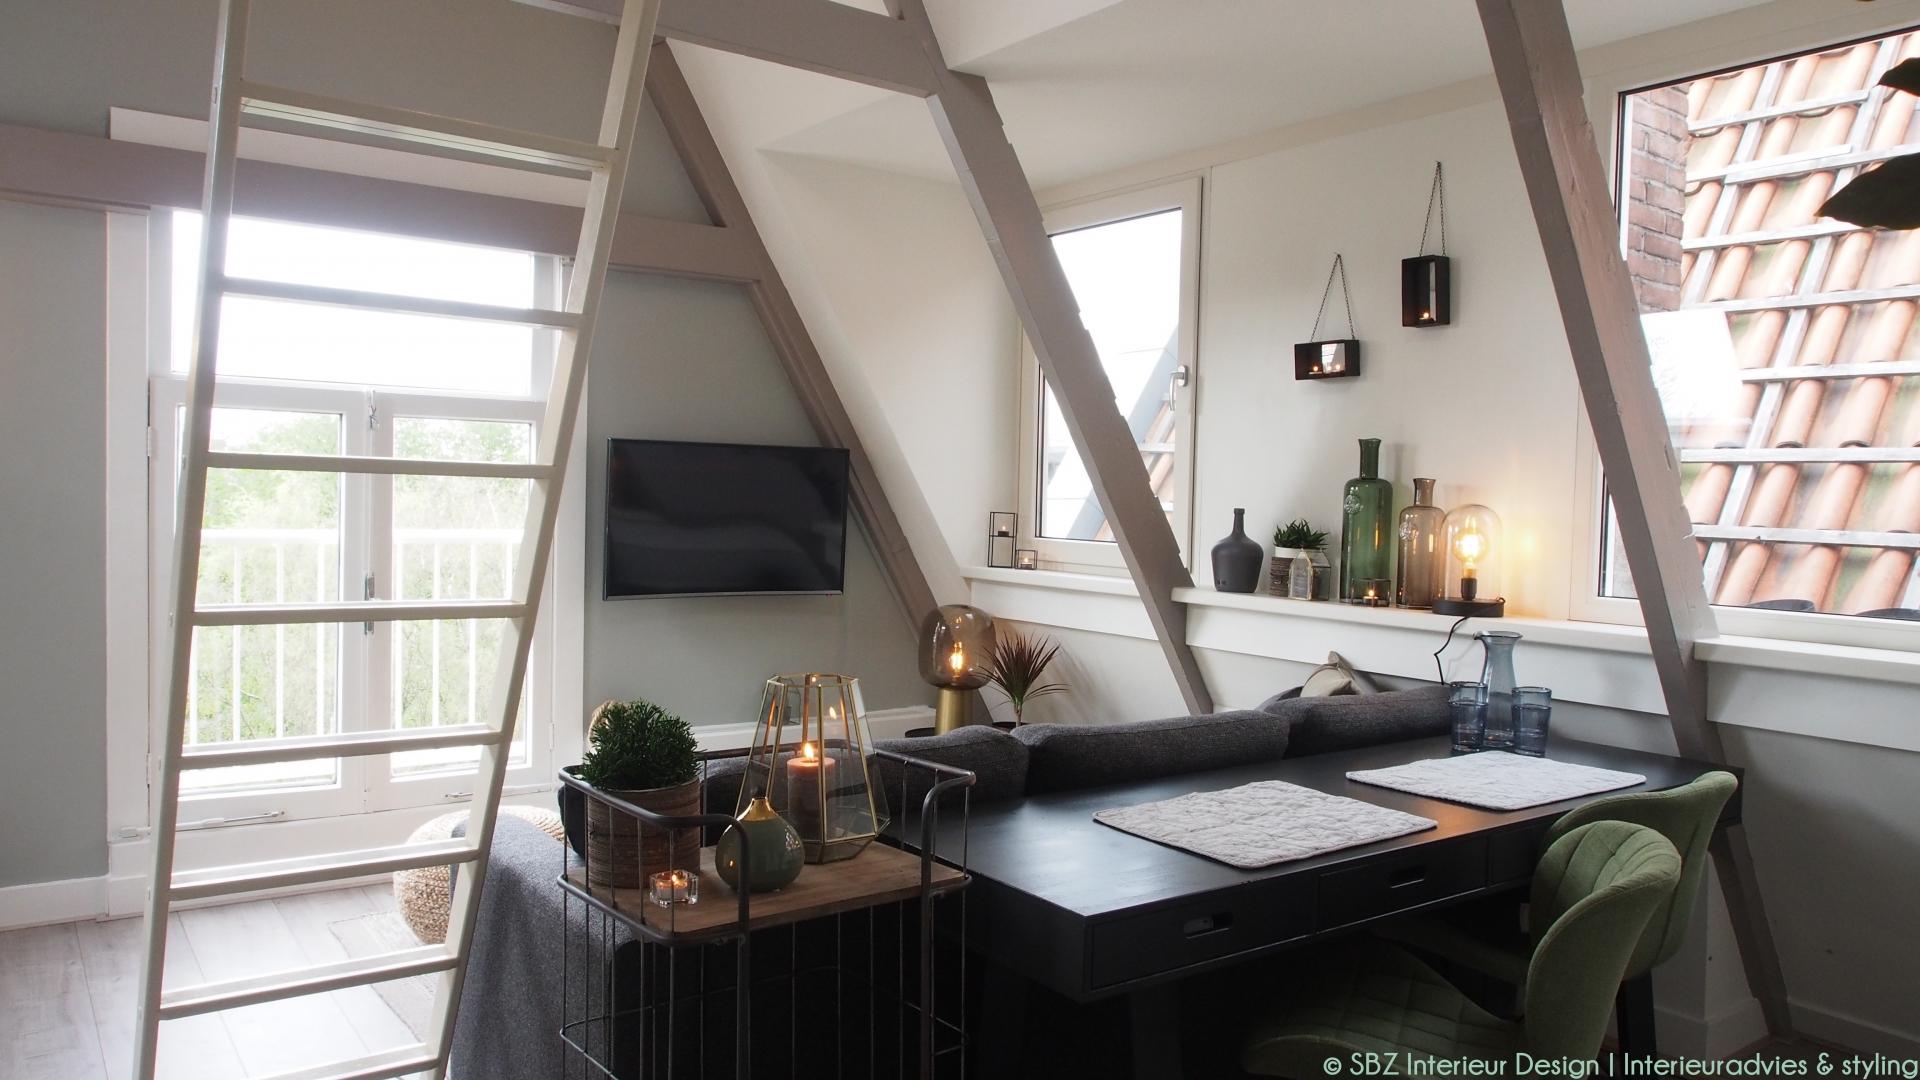 interieur een vakantiehuis inrichten en stylen